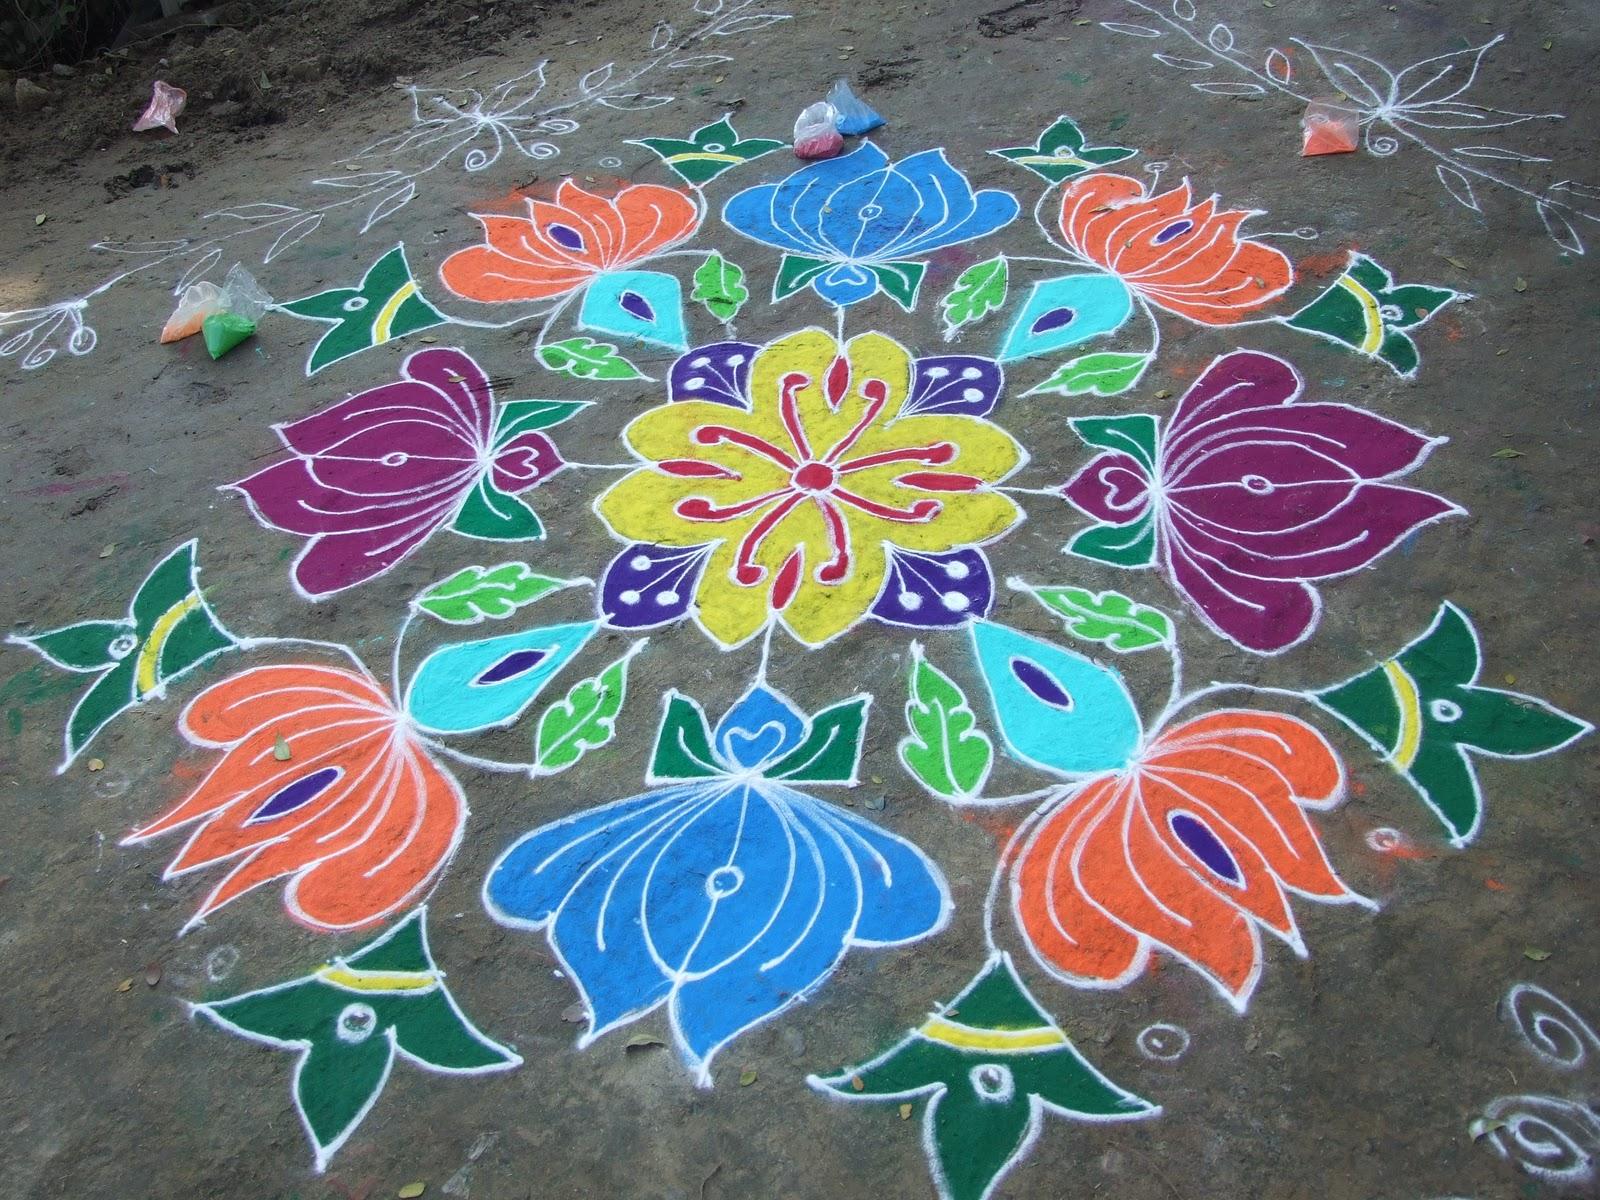 sankranthi muggulu and Mehandi designs...: sankranthi muggulu